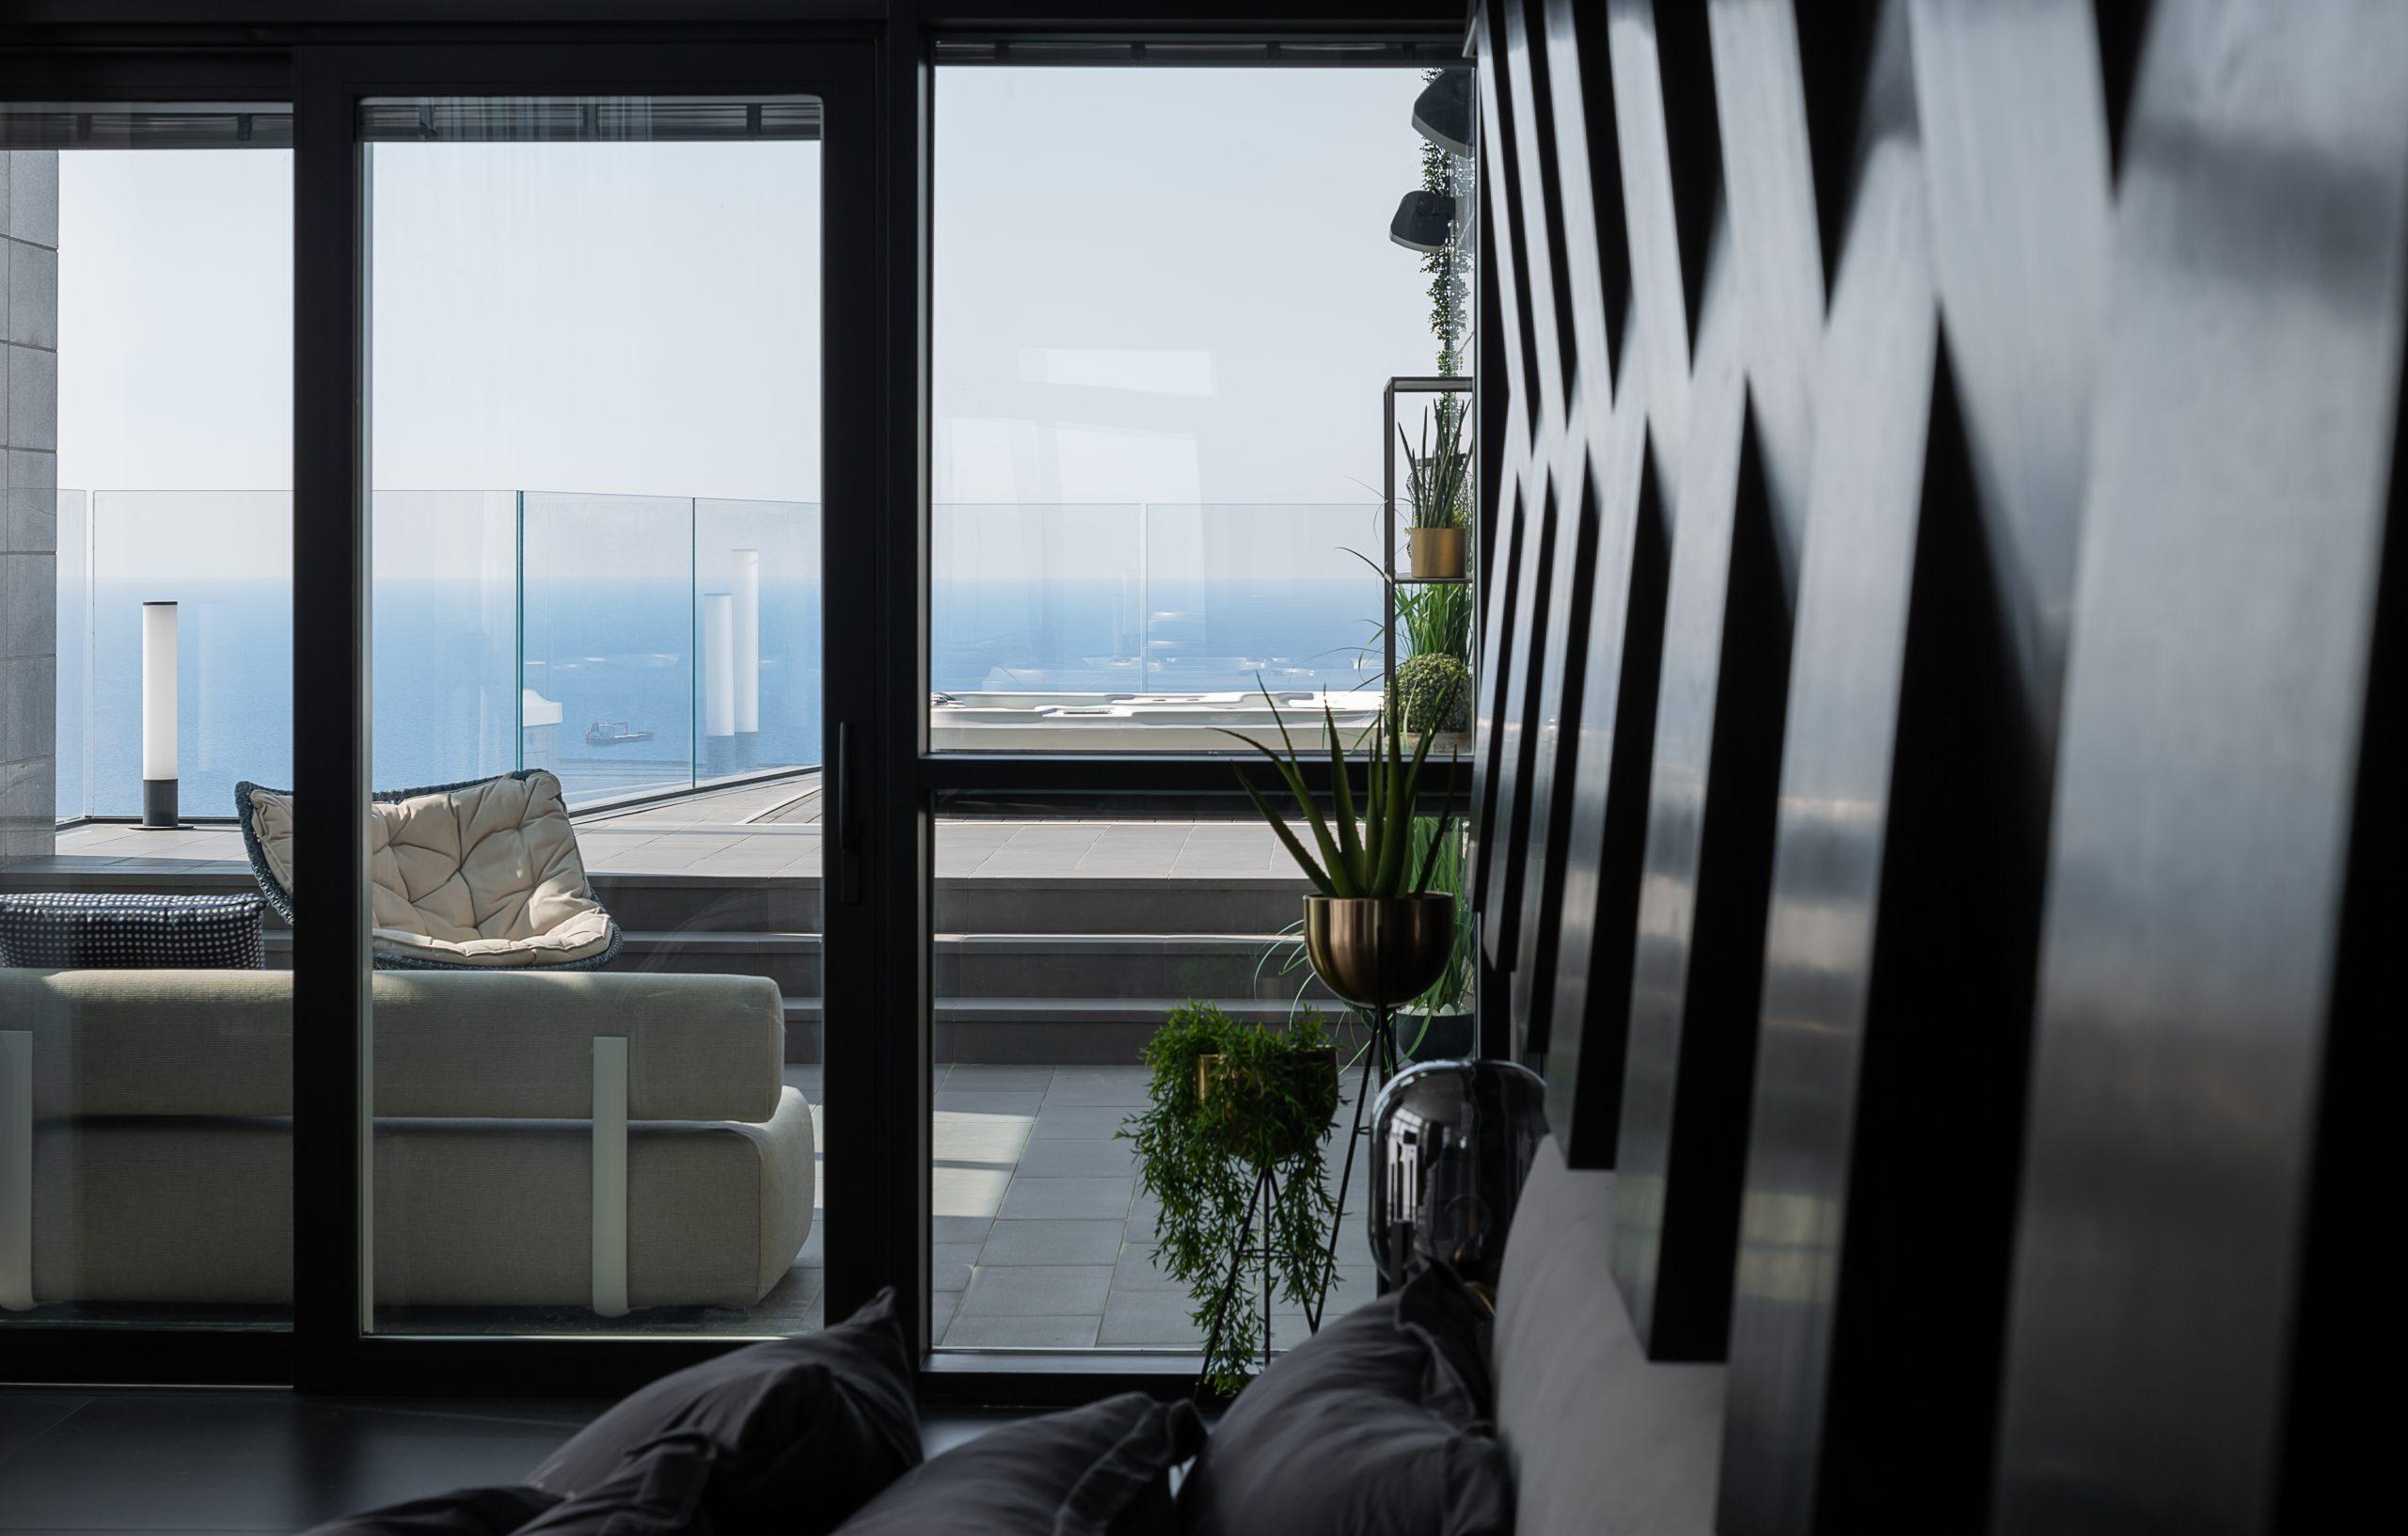 עיצוב שחור מודרני מבית סיטי לייט תאורה